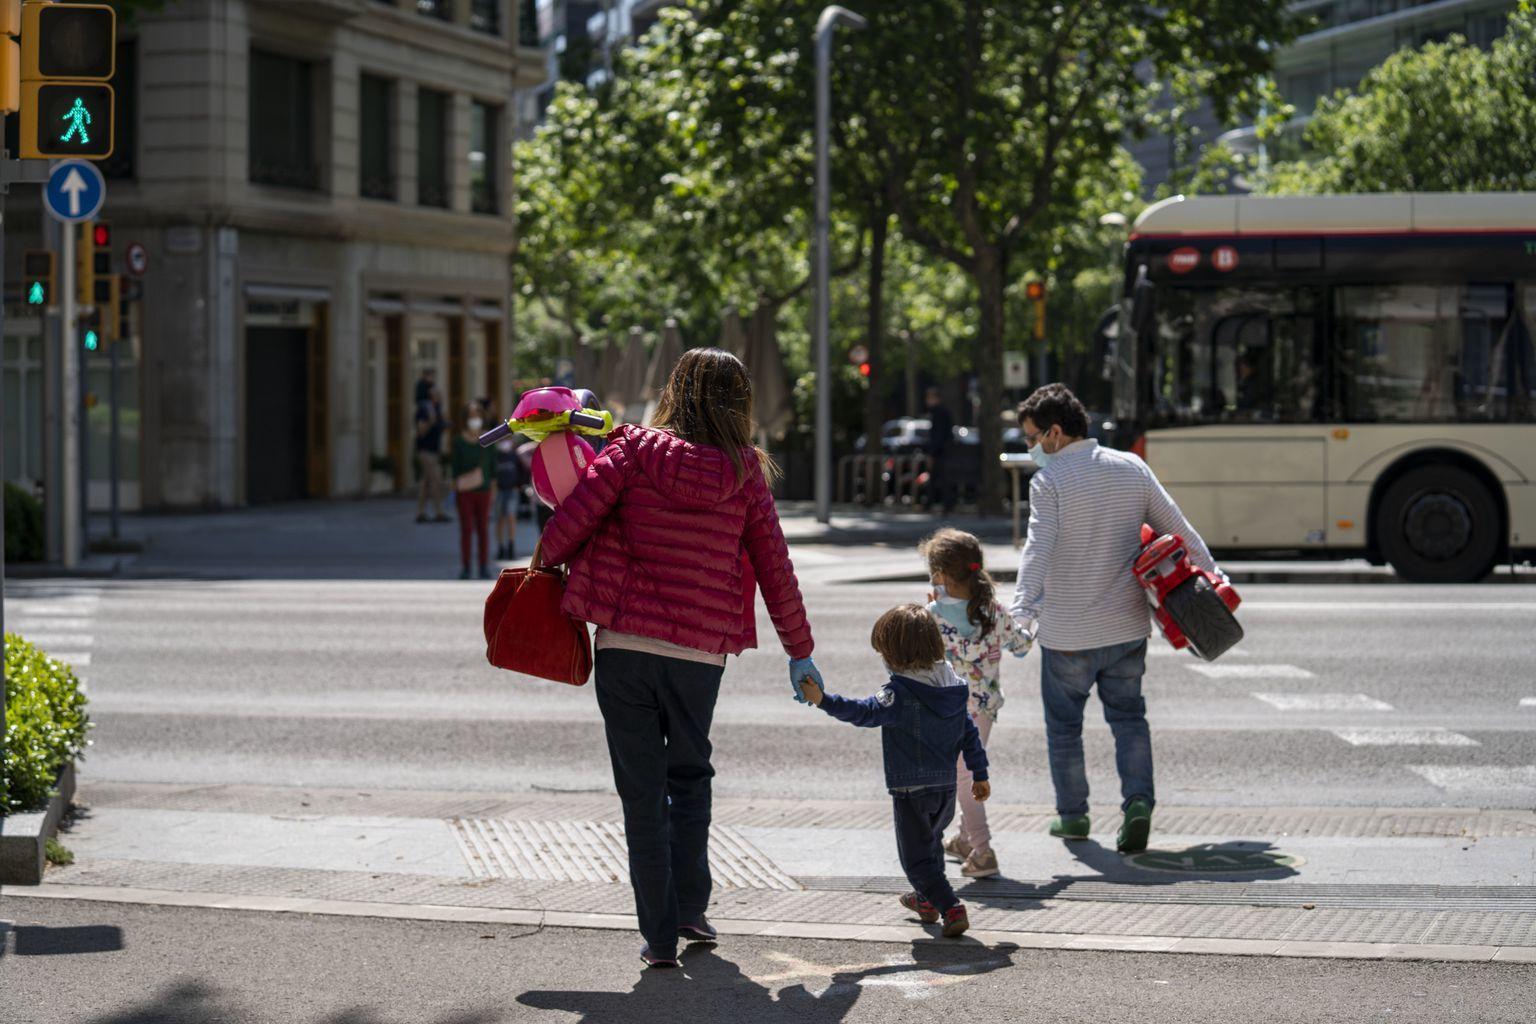 Una família es dirigeix cap a l'autobús